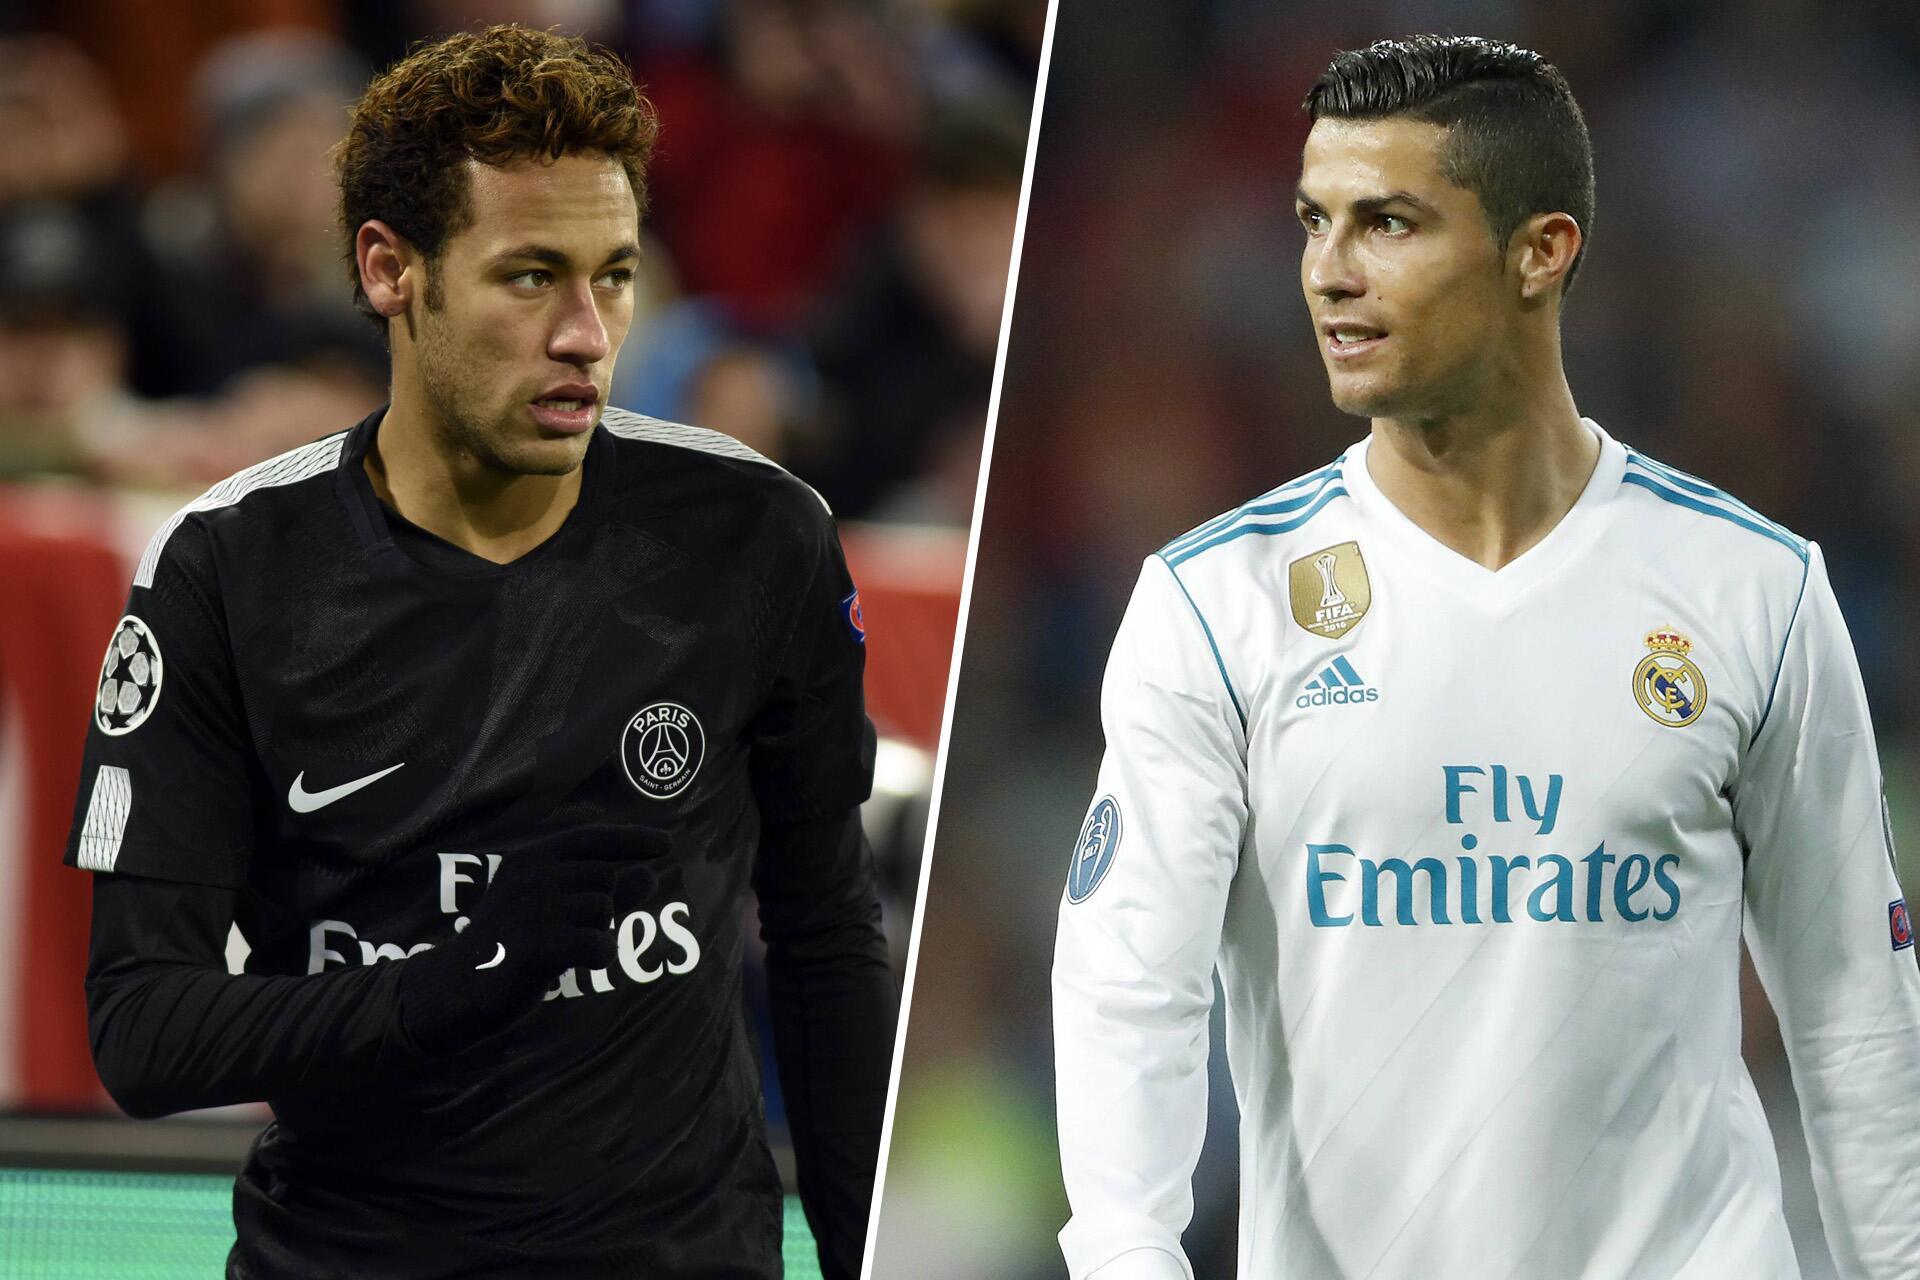 Bild zu Champion League, Cristiano Ronaldo, Neymar, Achtelfinale